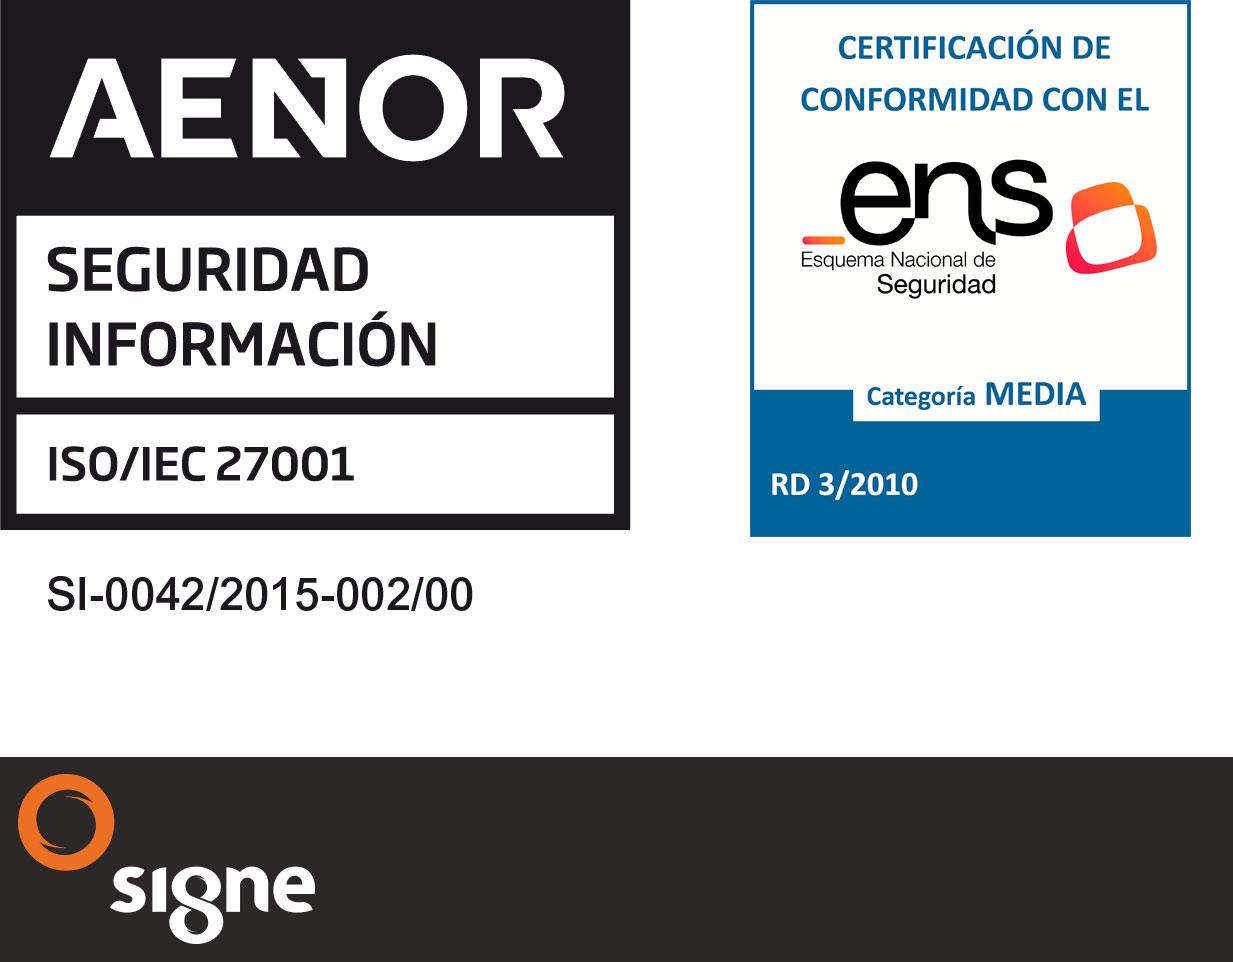 CALIDAD: LA ISO 27001 de Sistemas de gestión de la seguridad de la información